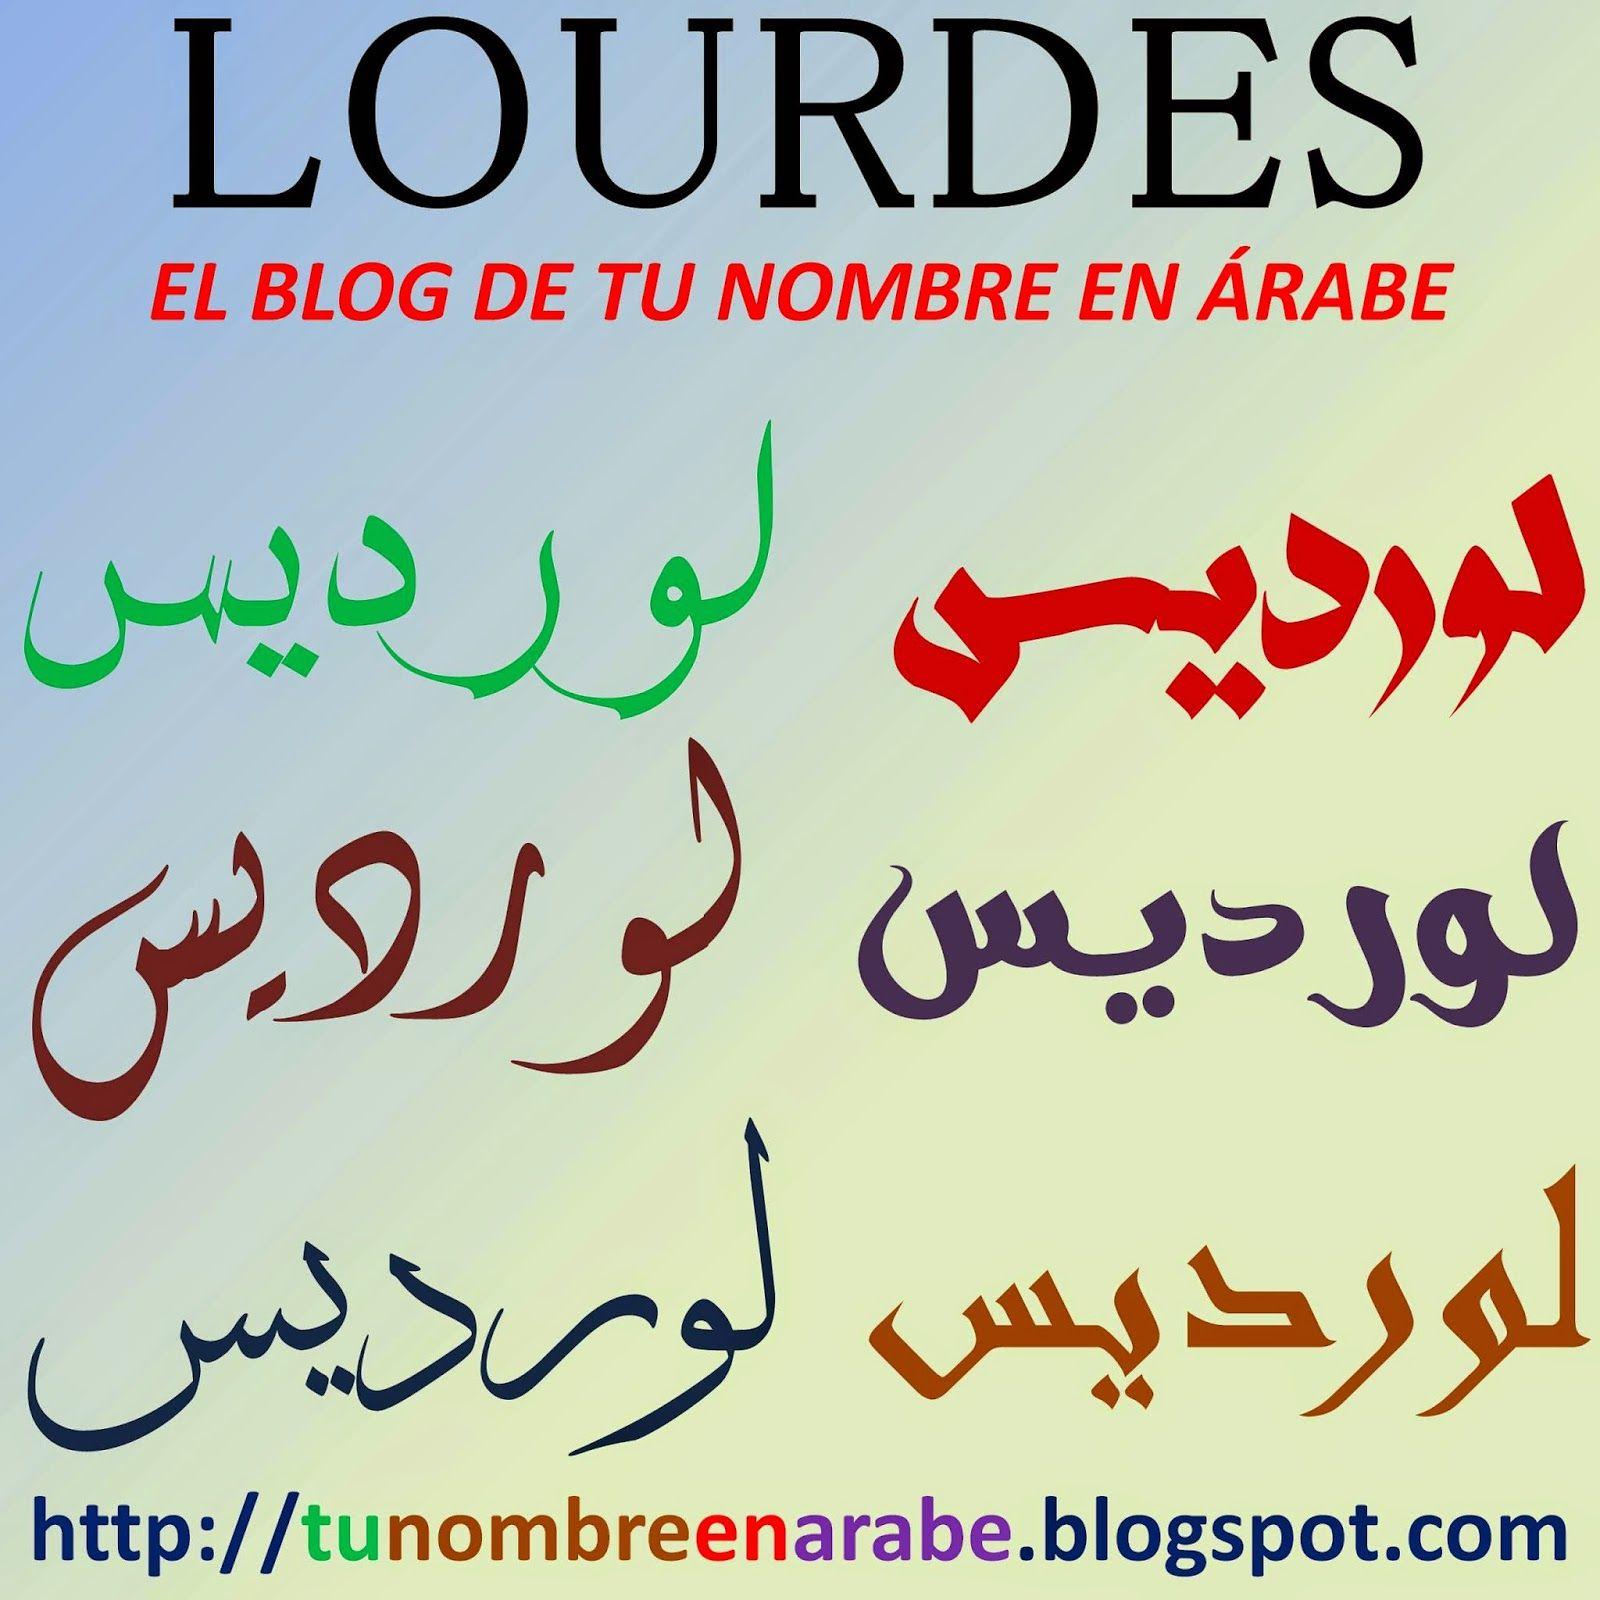 Imagenes De Tu Nombre En Arabe Nombres En Arabe Nombres